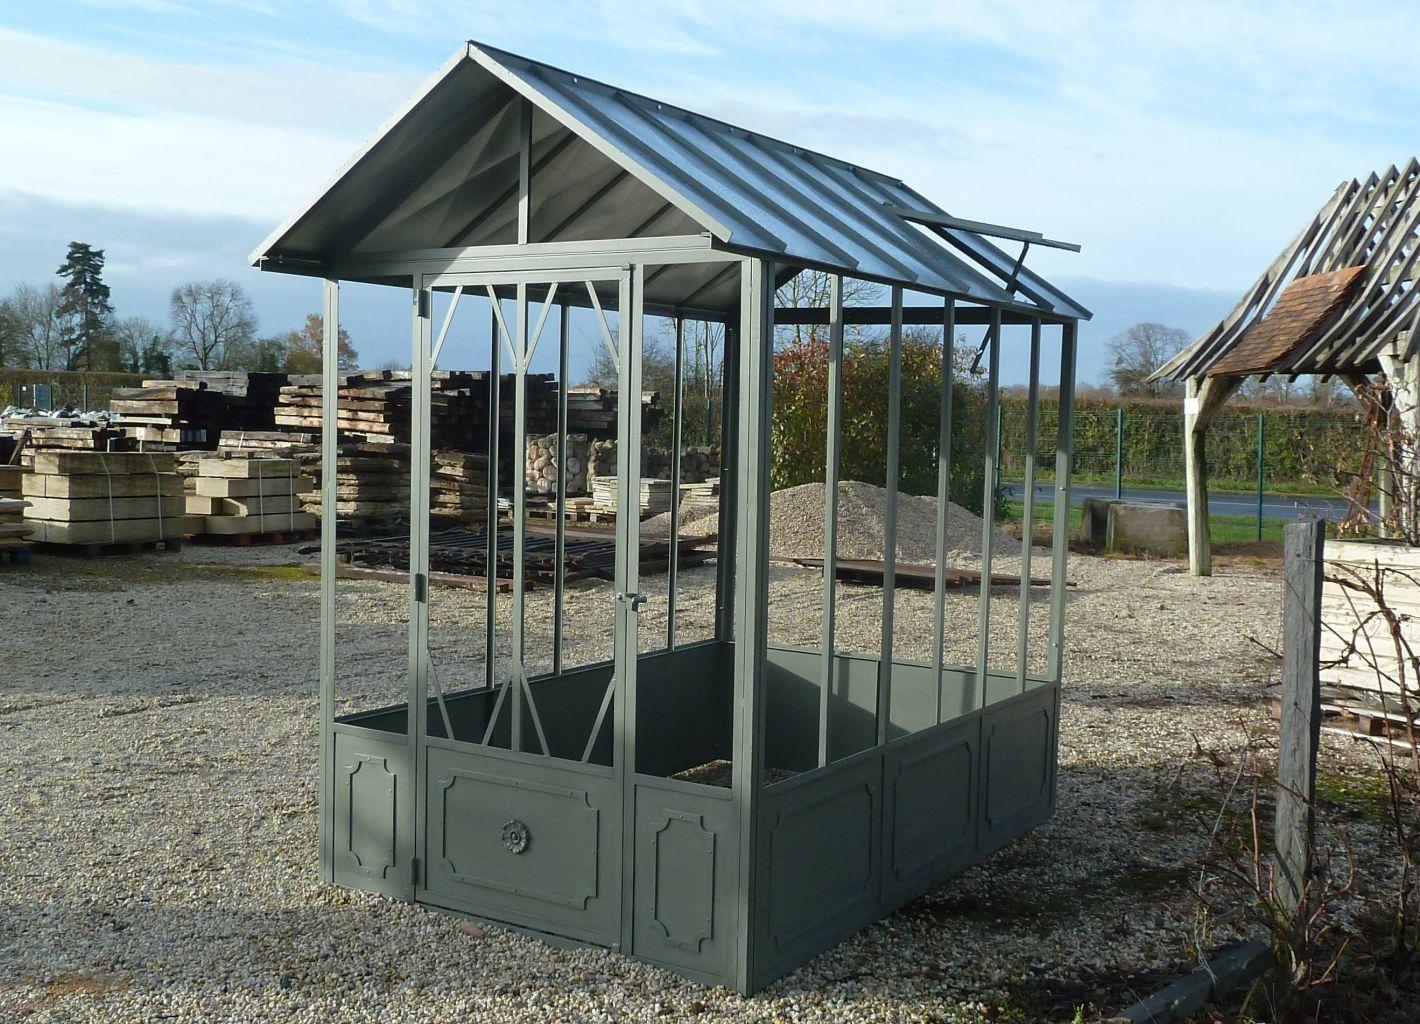 Serre De Jardin À L'ancienne - Fer Forgé | Bca Matériaux Anciens pour Serre De Jardin Fer Forgé